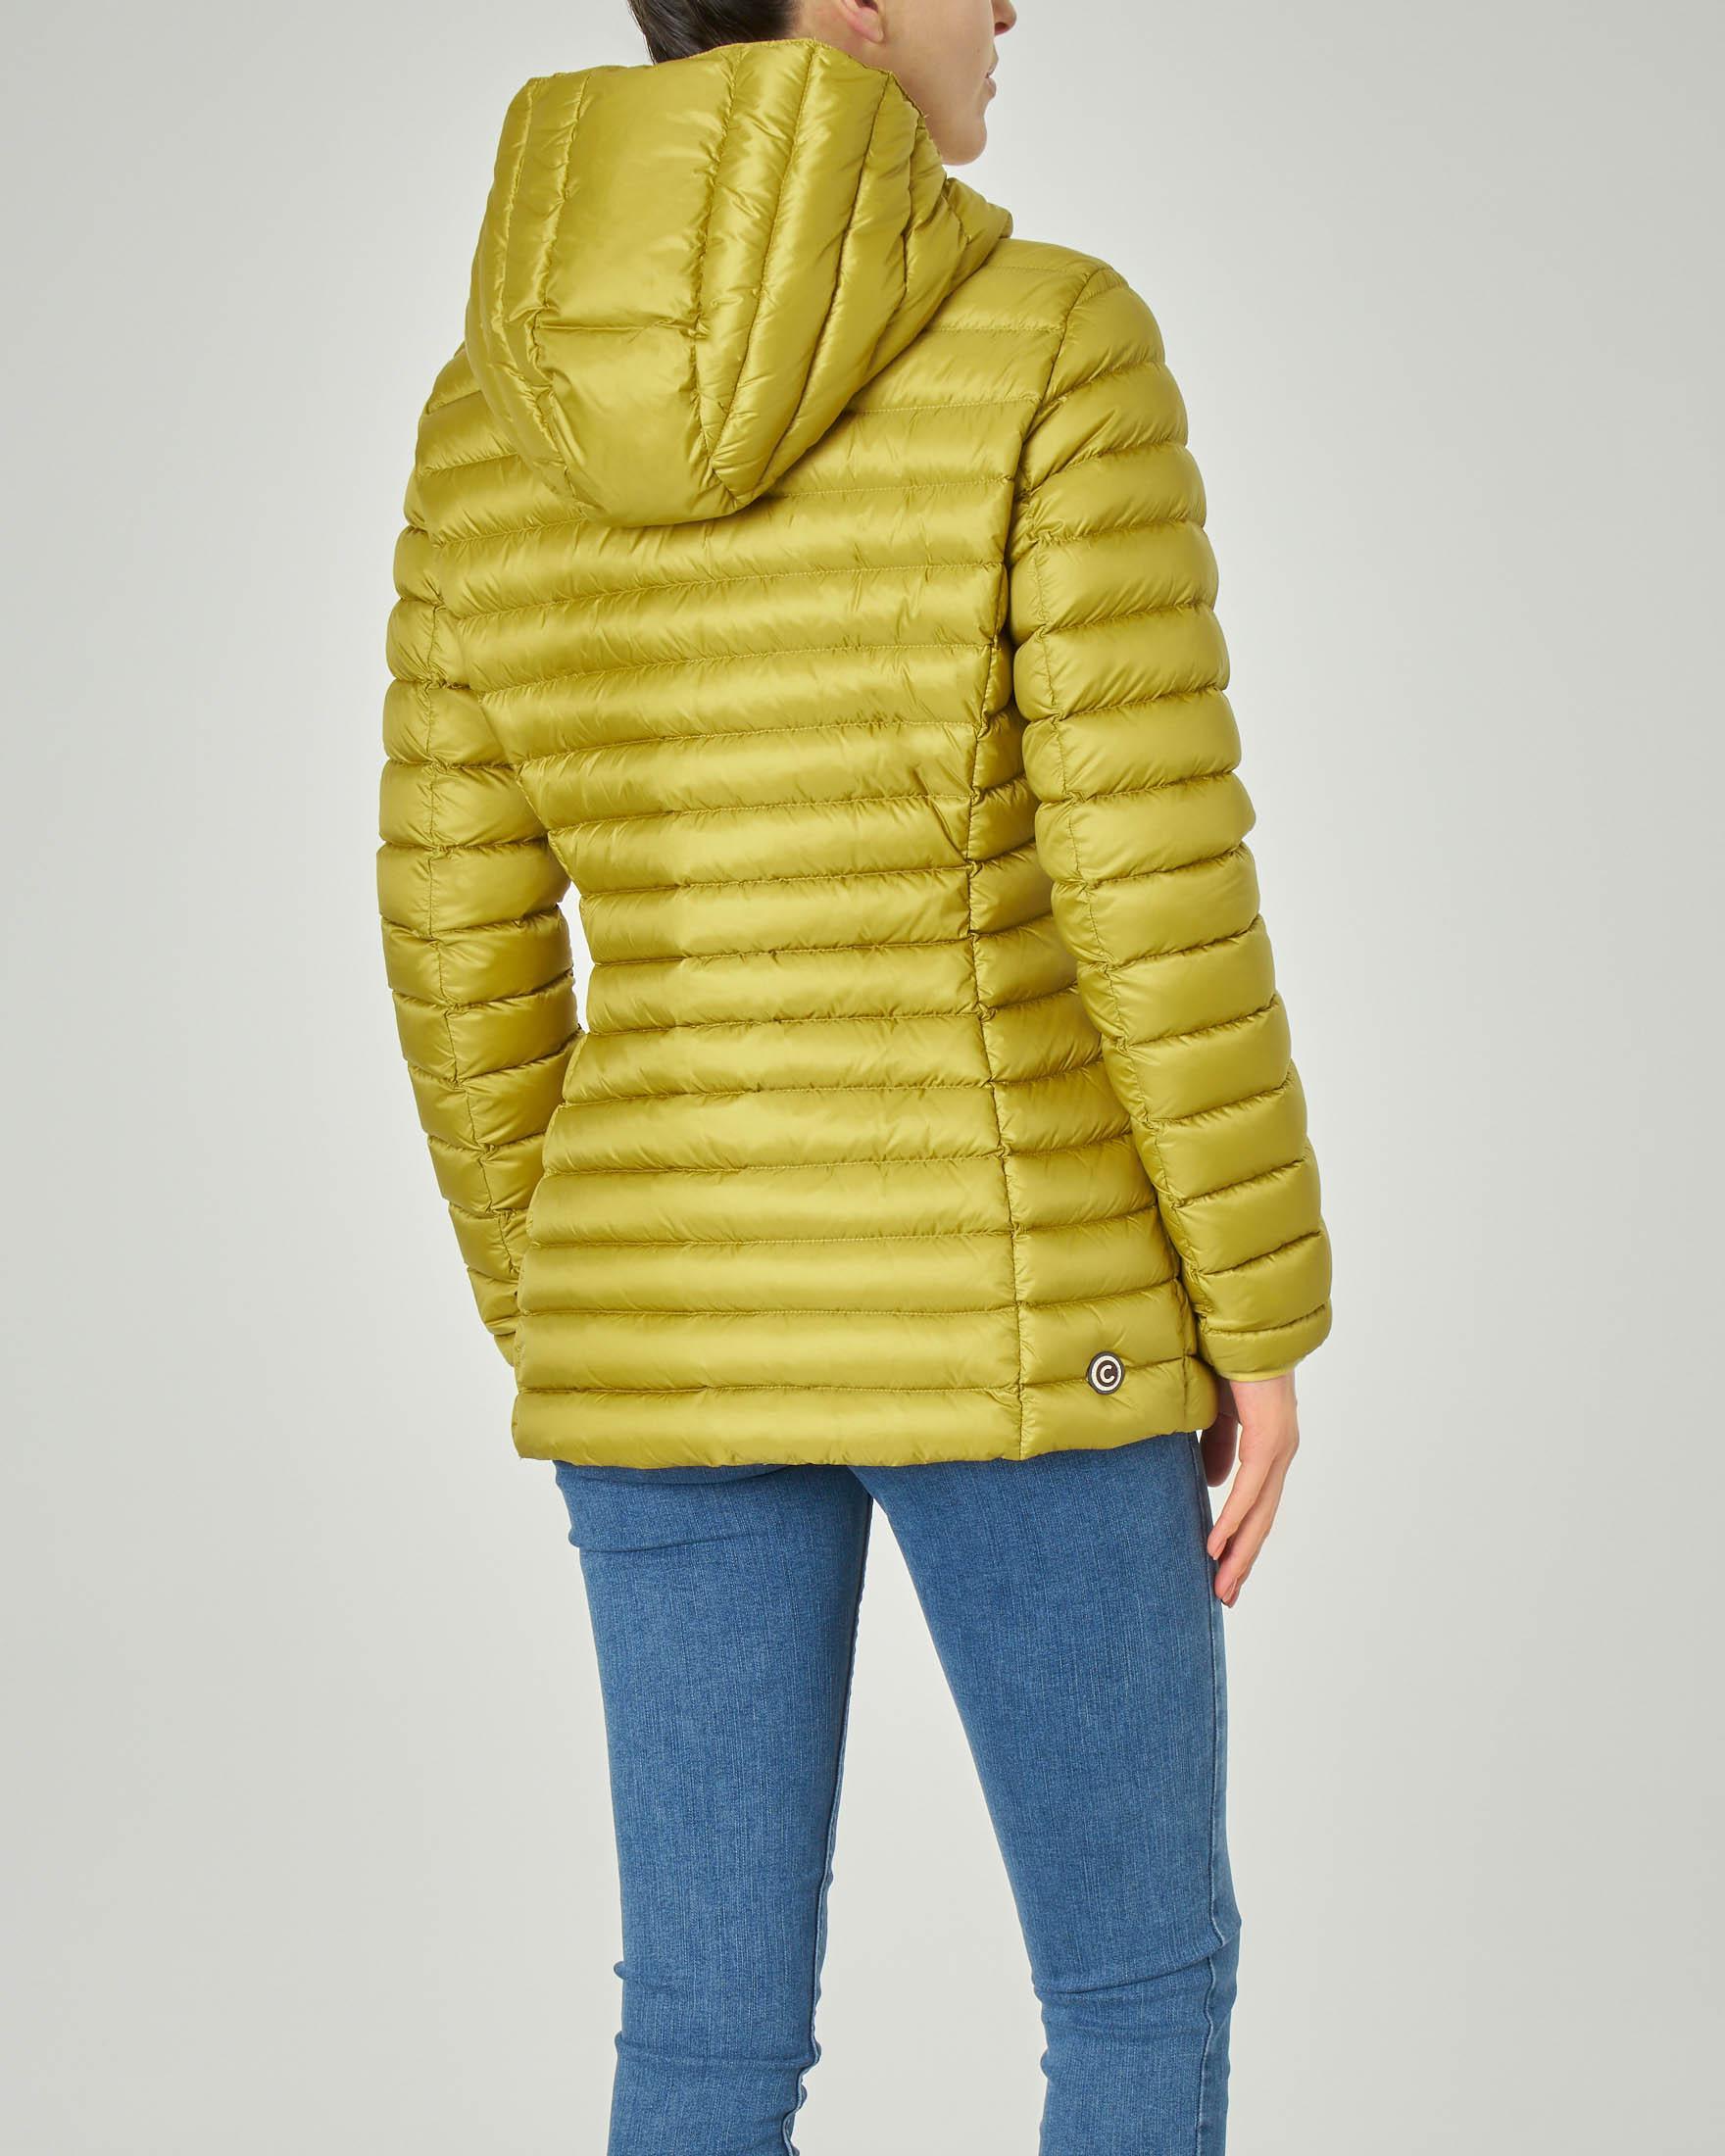 Piumino lunghezza media con cappuccio fisso in tessuto cangiante giallo